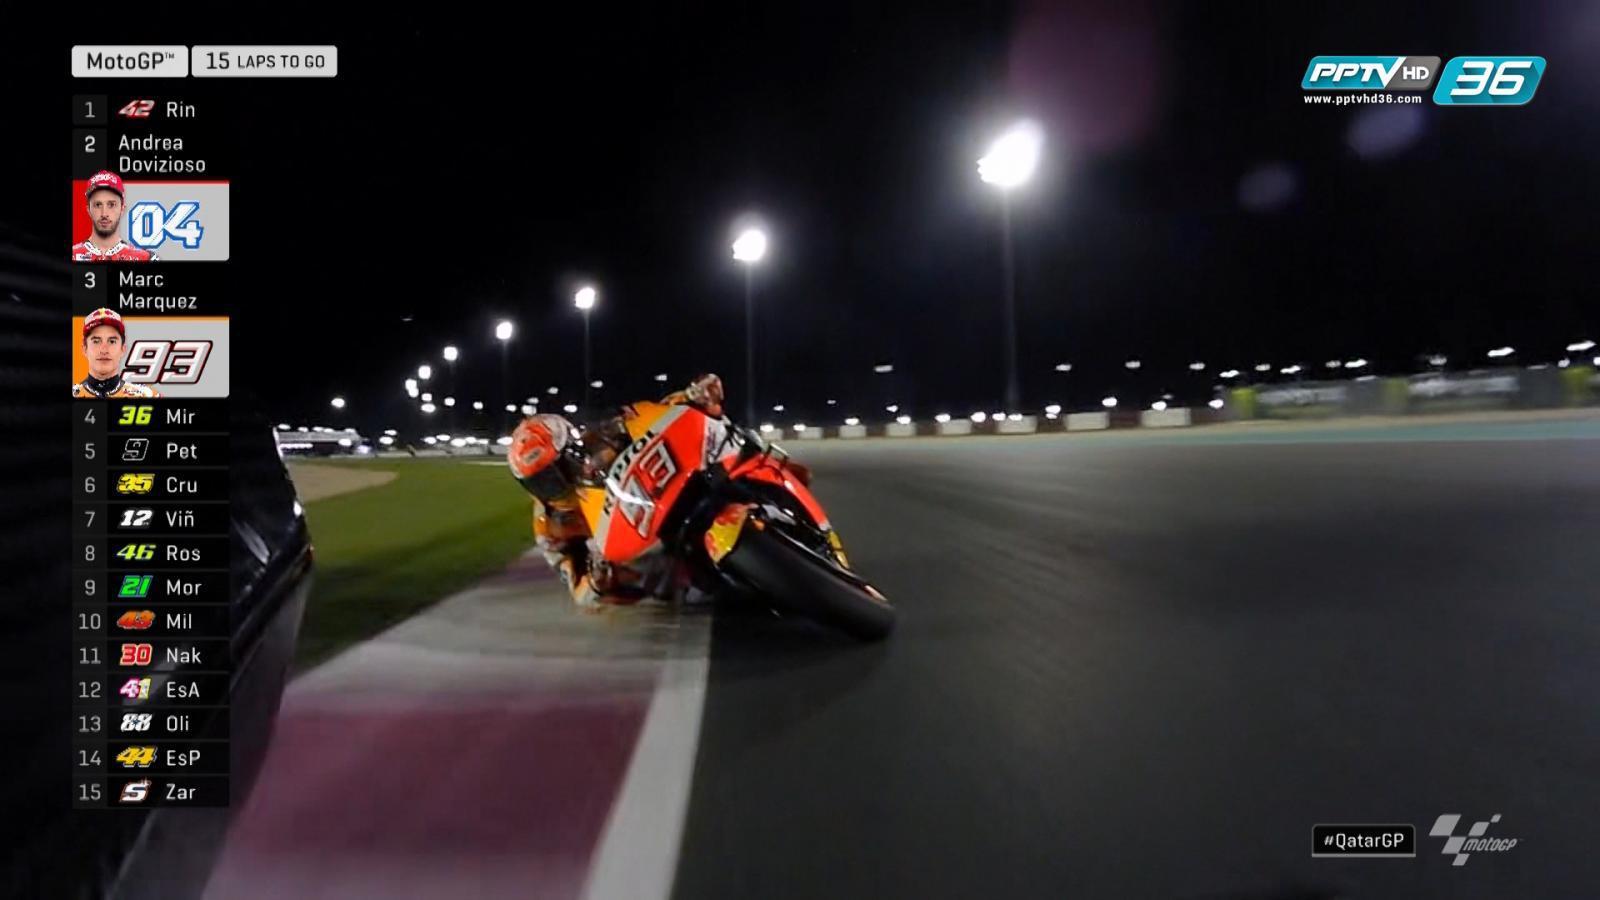 ความเร็วของ Andrea Dovizioso และ Marc Marquez